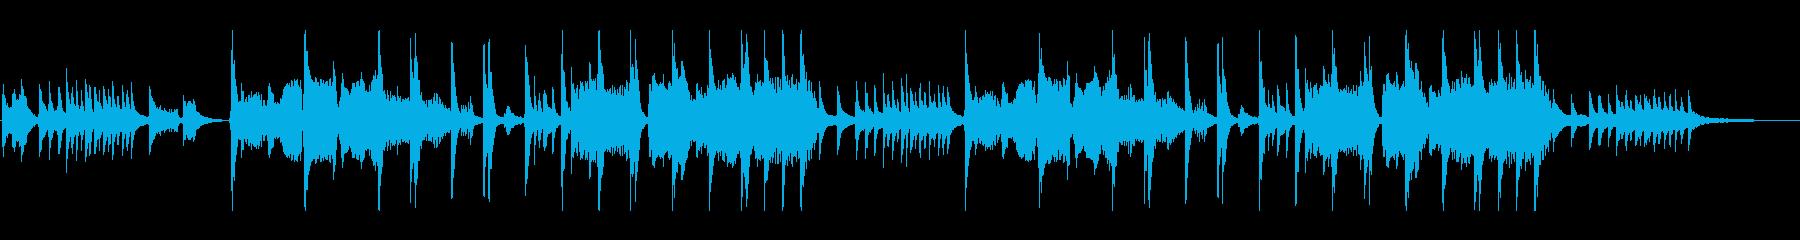 琴と笛による雅楽調の和風曲:打楽器ありの再生済みの波形